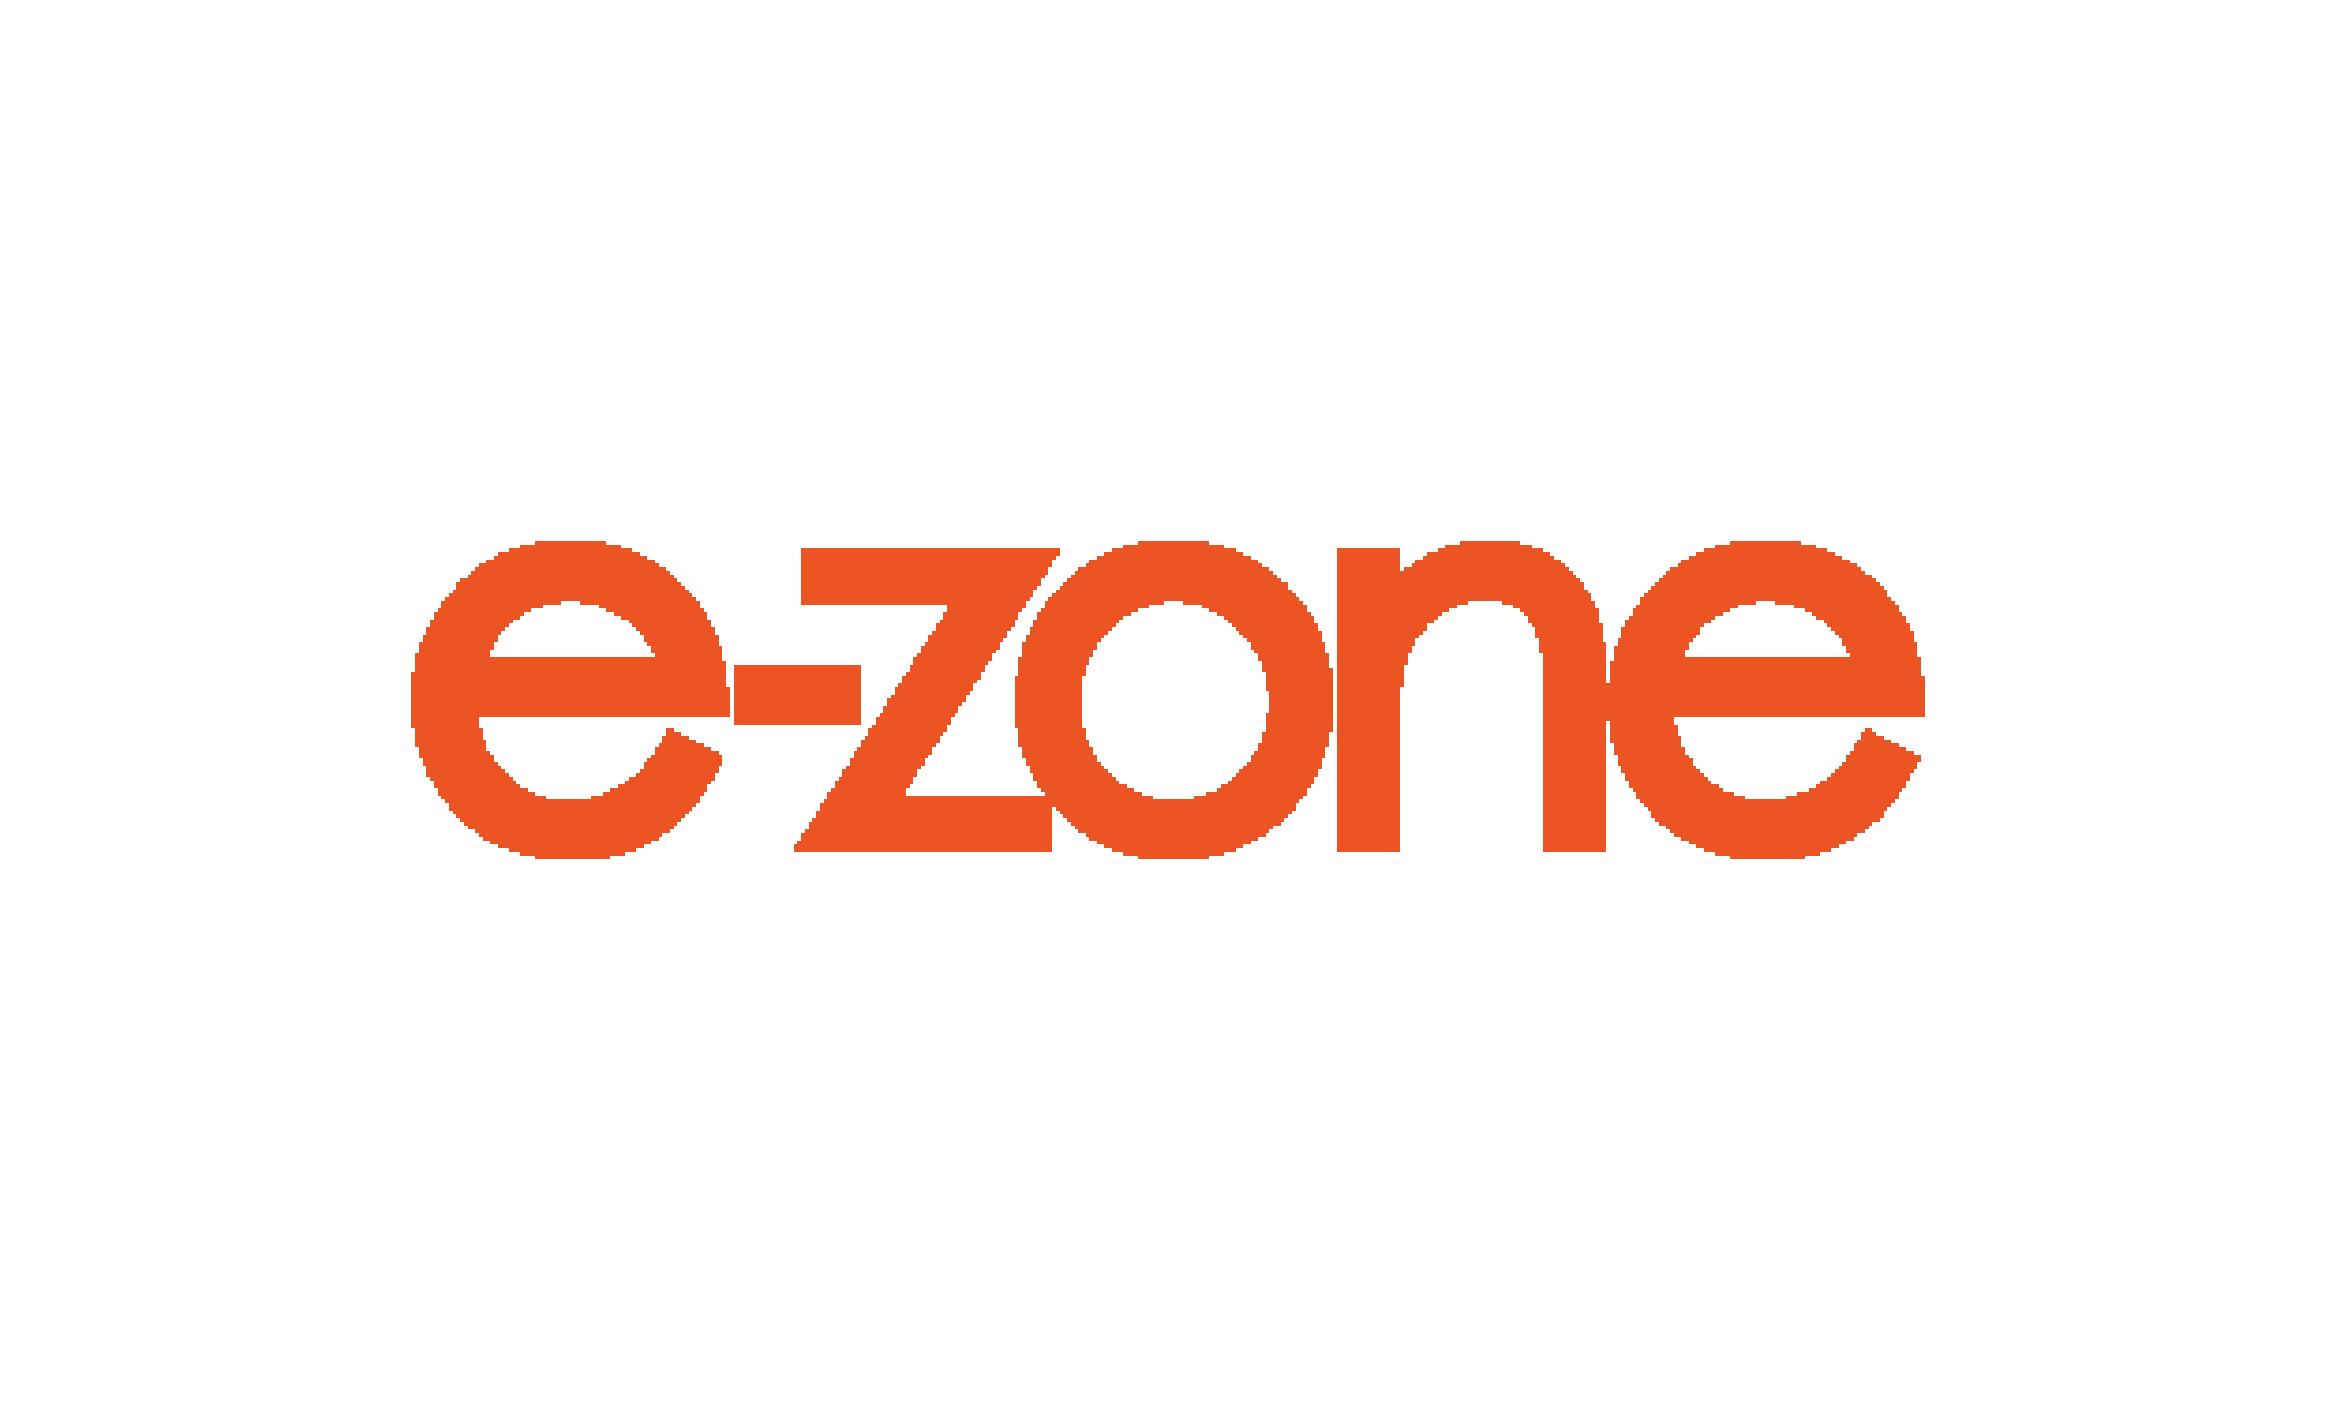 ezone.com